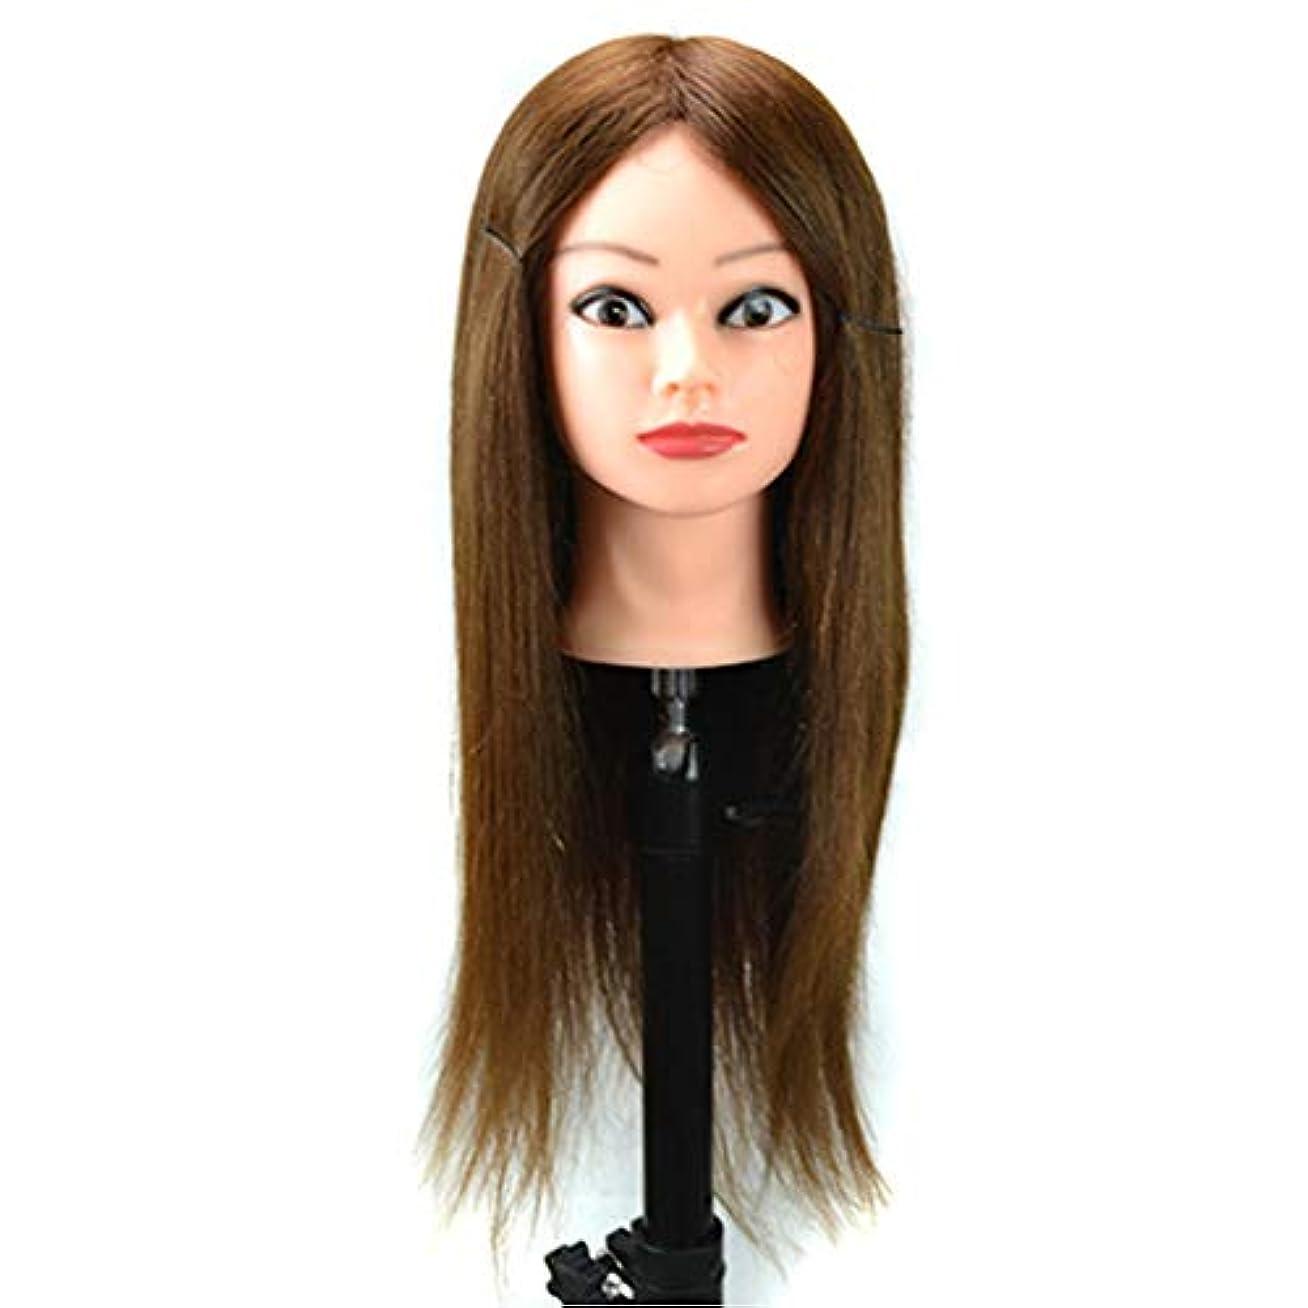 教養がある逃げる責め完全な毛は小さいブラケットが付いている熱いロールマネキンの頭部のヘアーサロンのトリミングの頭部の花嫁の形の毛の訓練の頭部である場合もあります,Brown